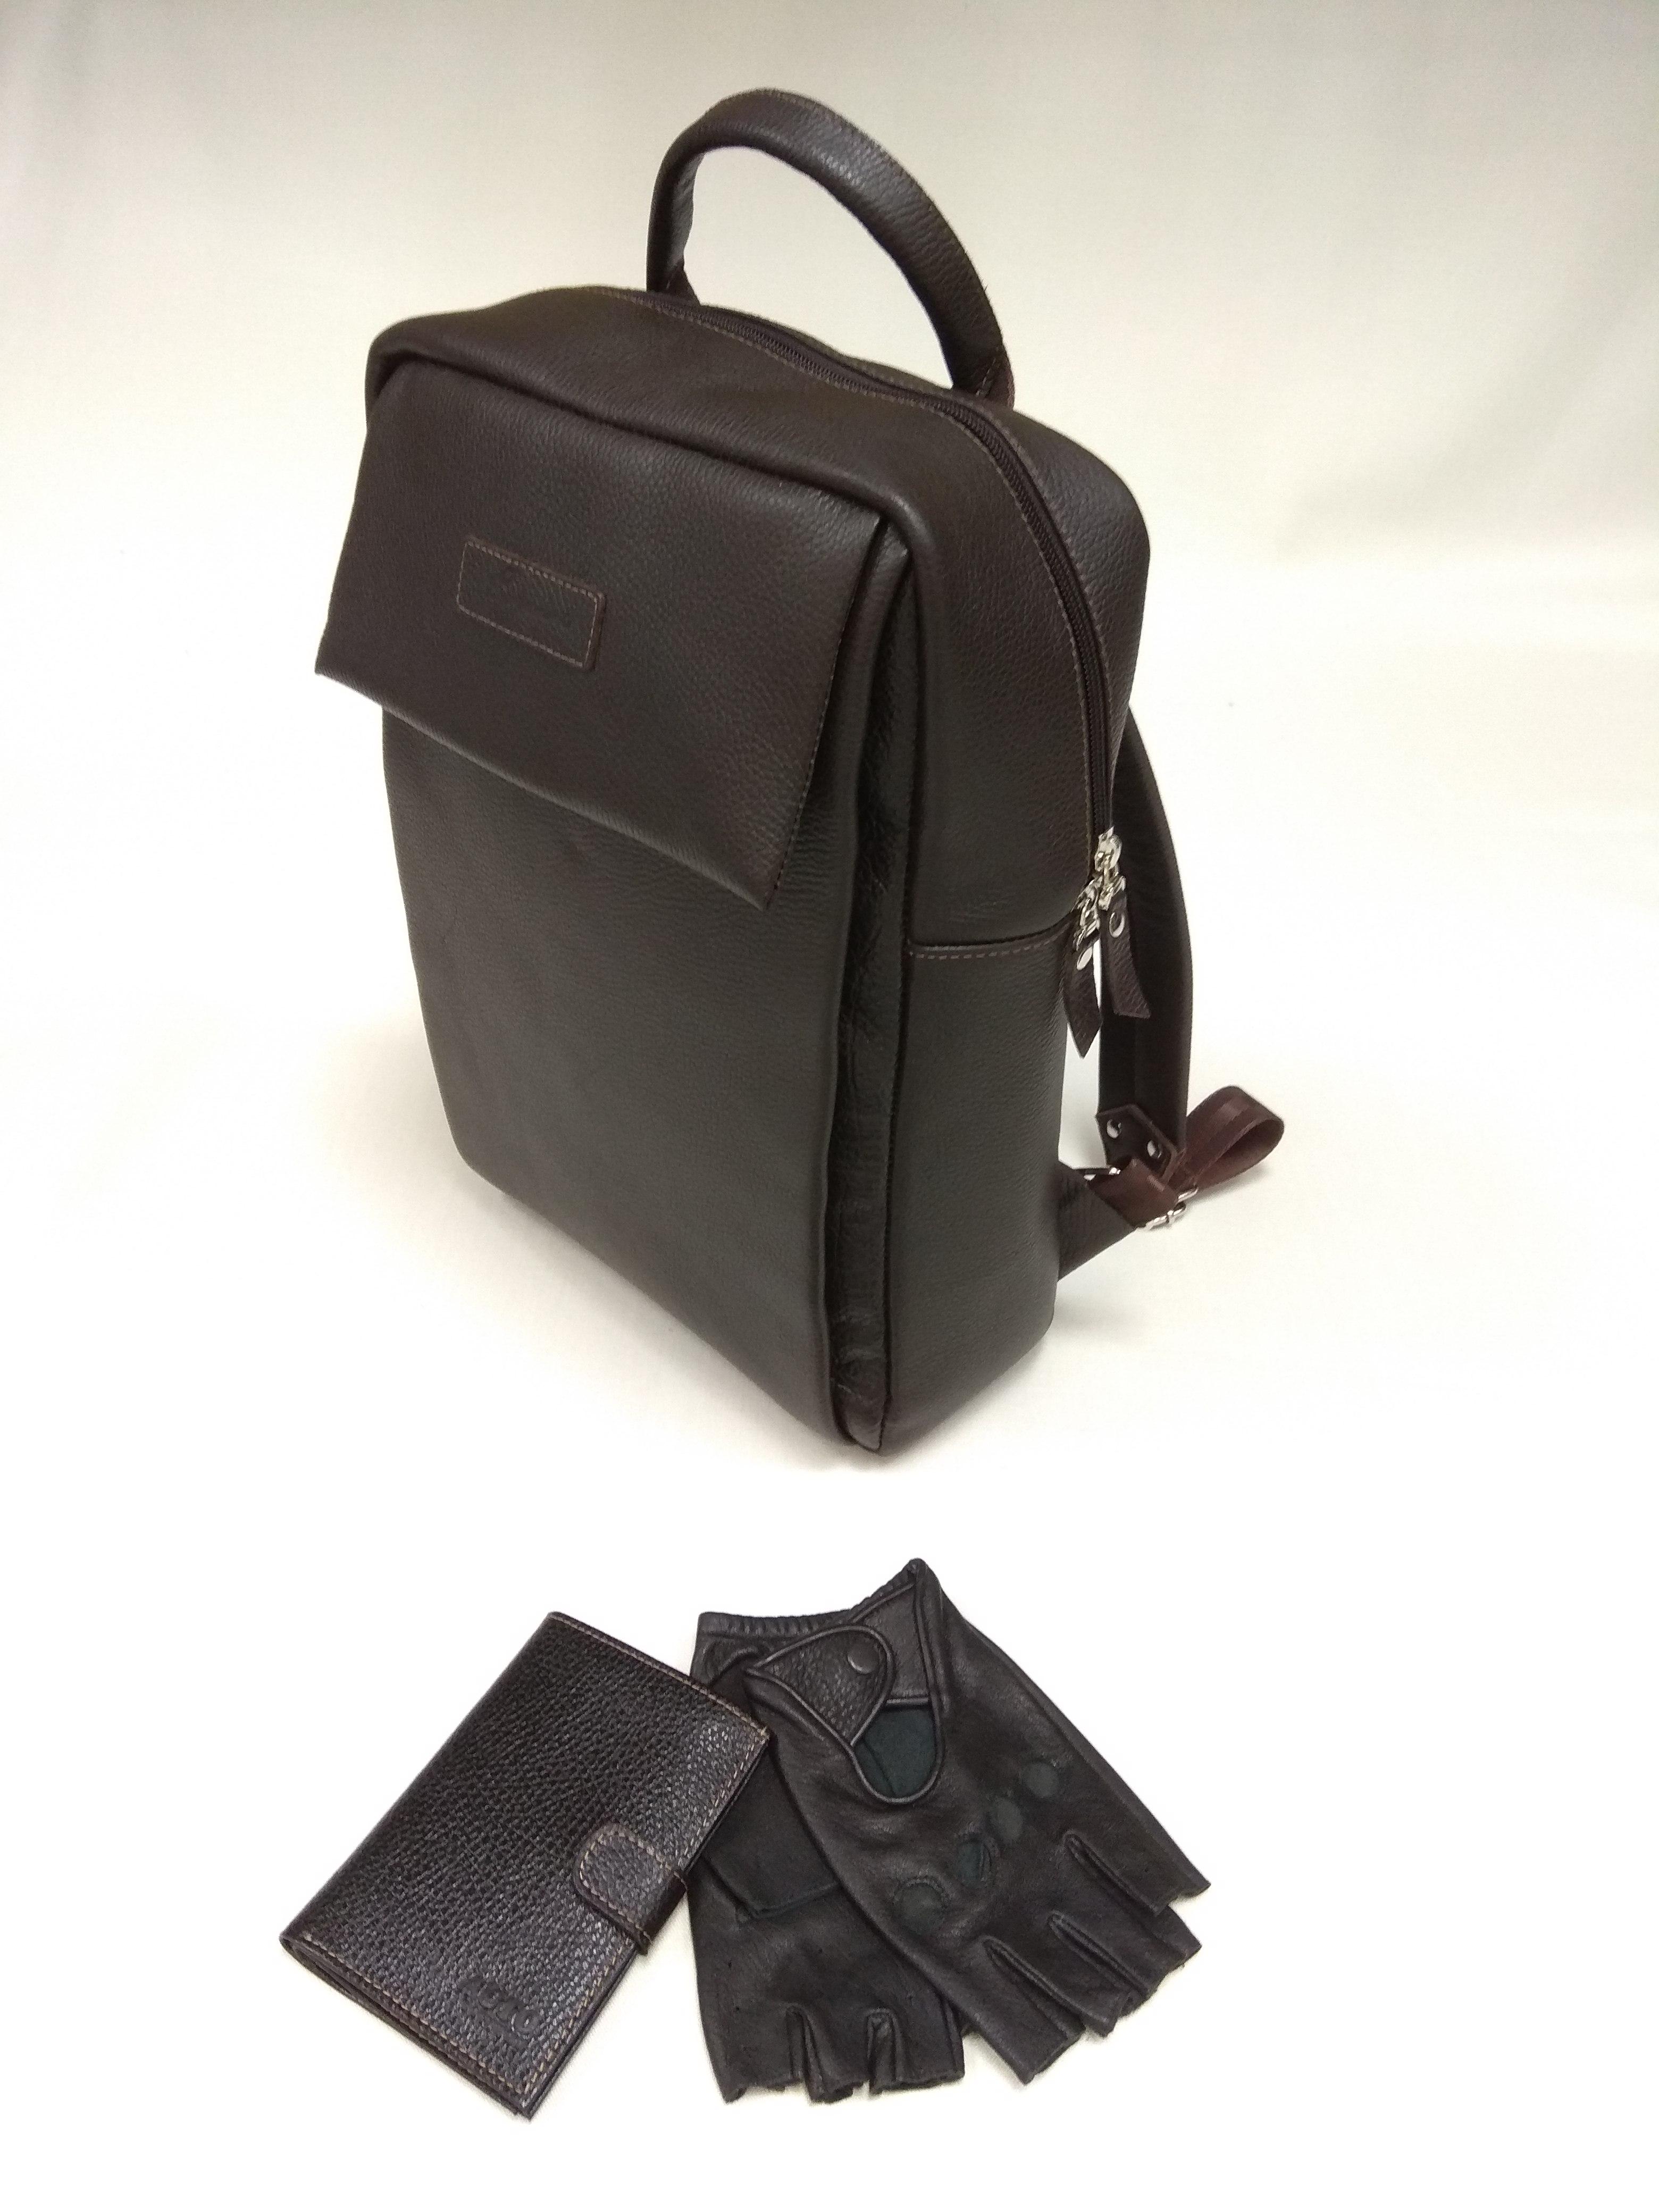 Мужской рюкзак из натуральной кожи, обложка для автодокументов с отделением для денег и перчатки водителя из натуральной кожи (олень) от 10 200 руб